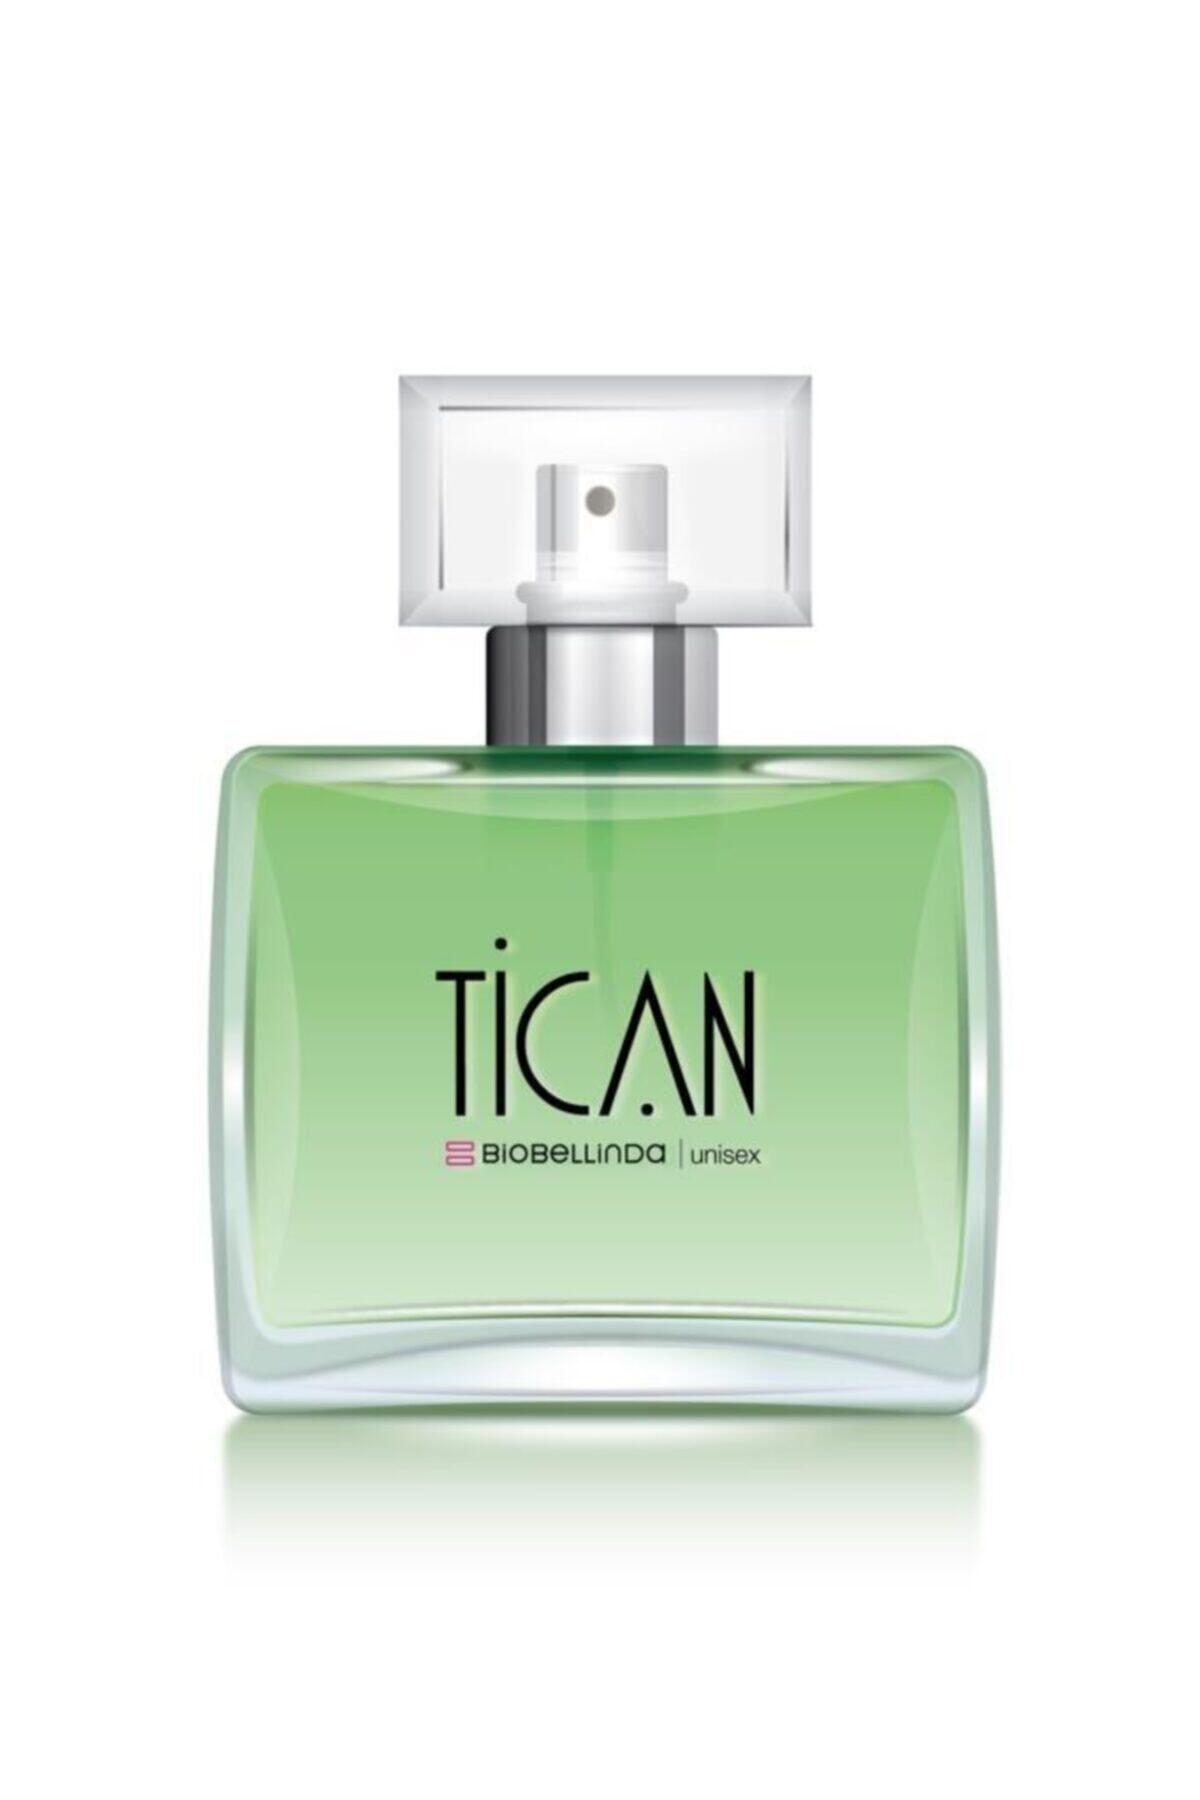 BioBellinda Tican Edp 50 ml Unisex Parfüm 8681554541007 1